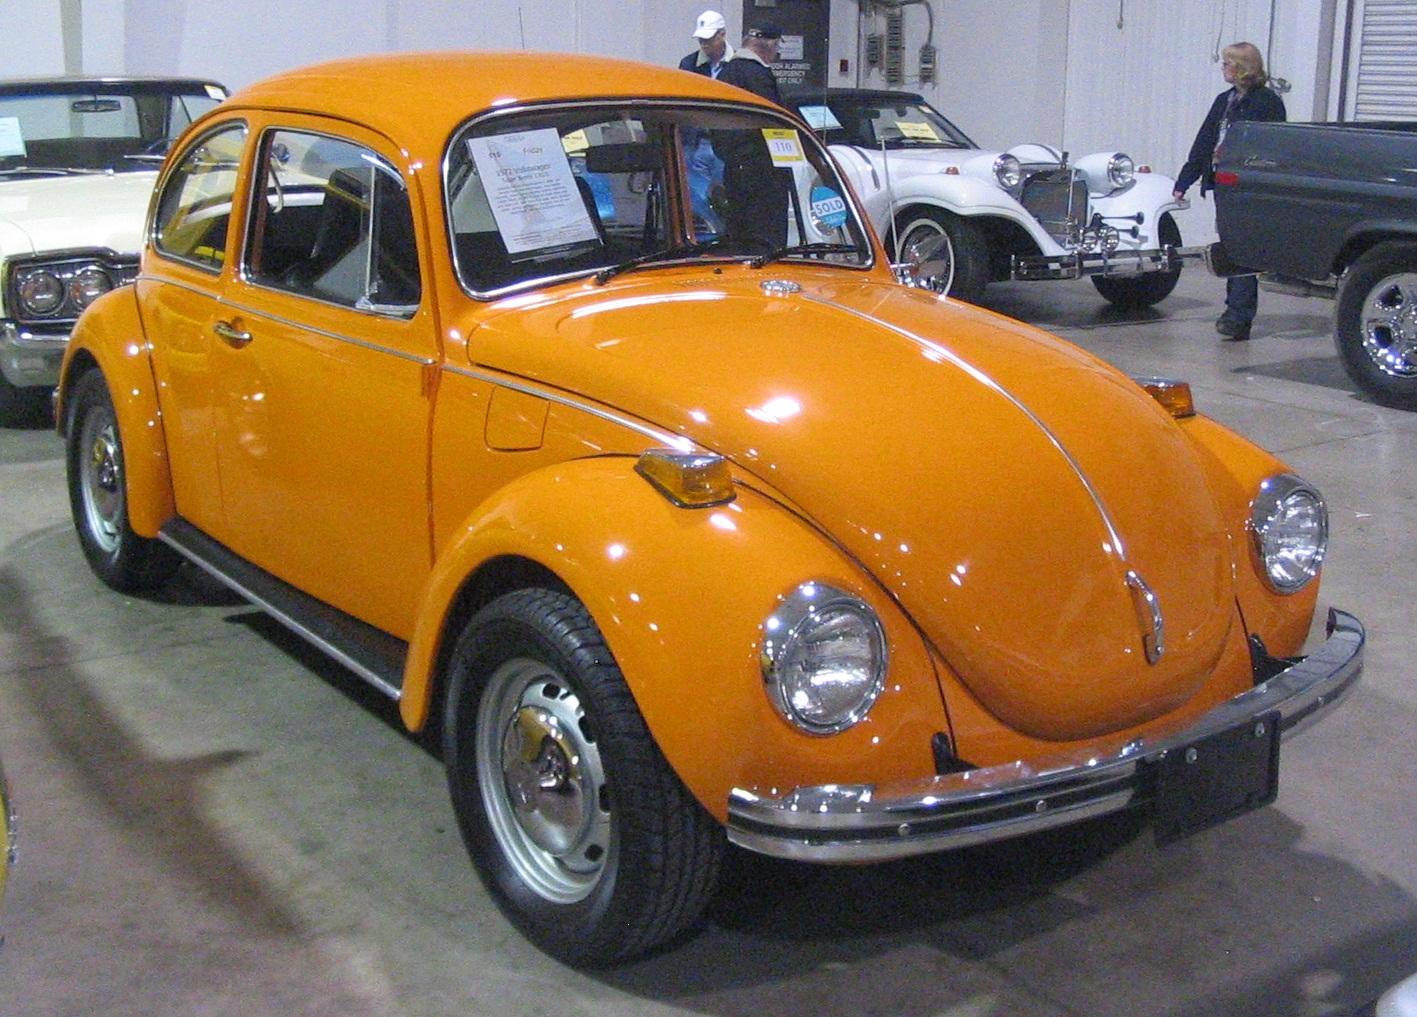 VW classic car